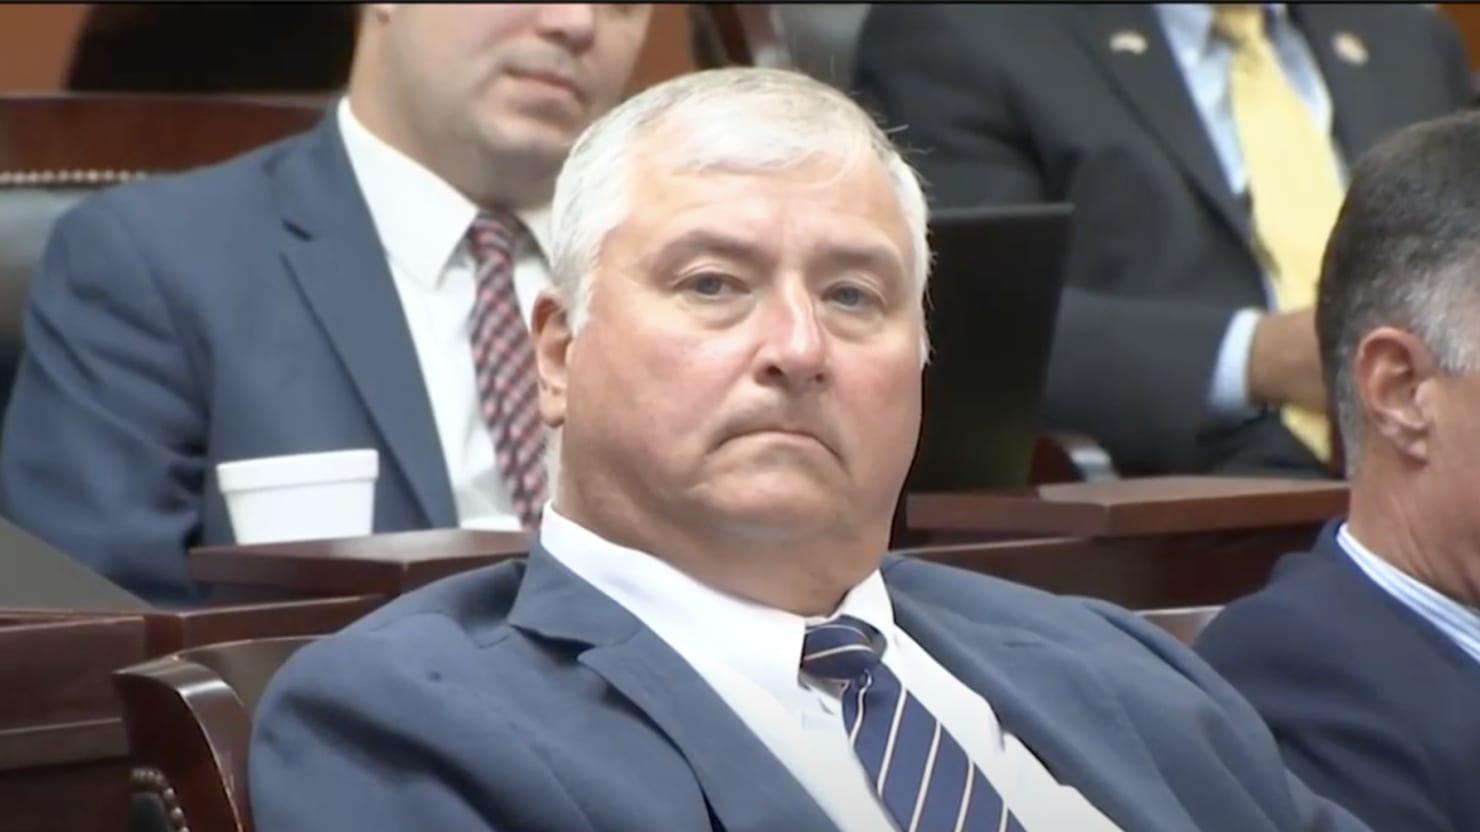 Ohio House Expels Former Speaker Larry Householder Over $60 Million Bribery Charge